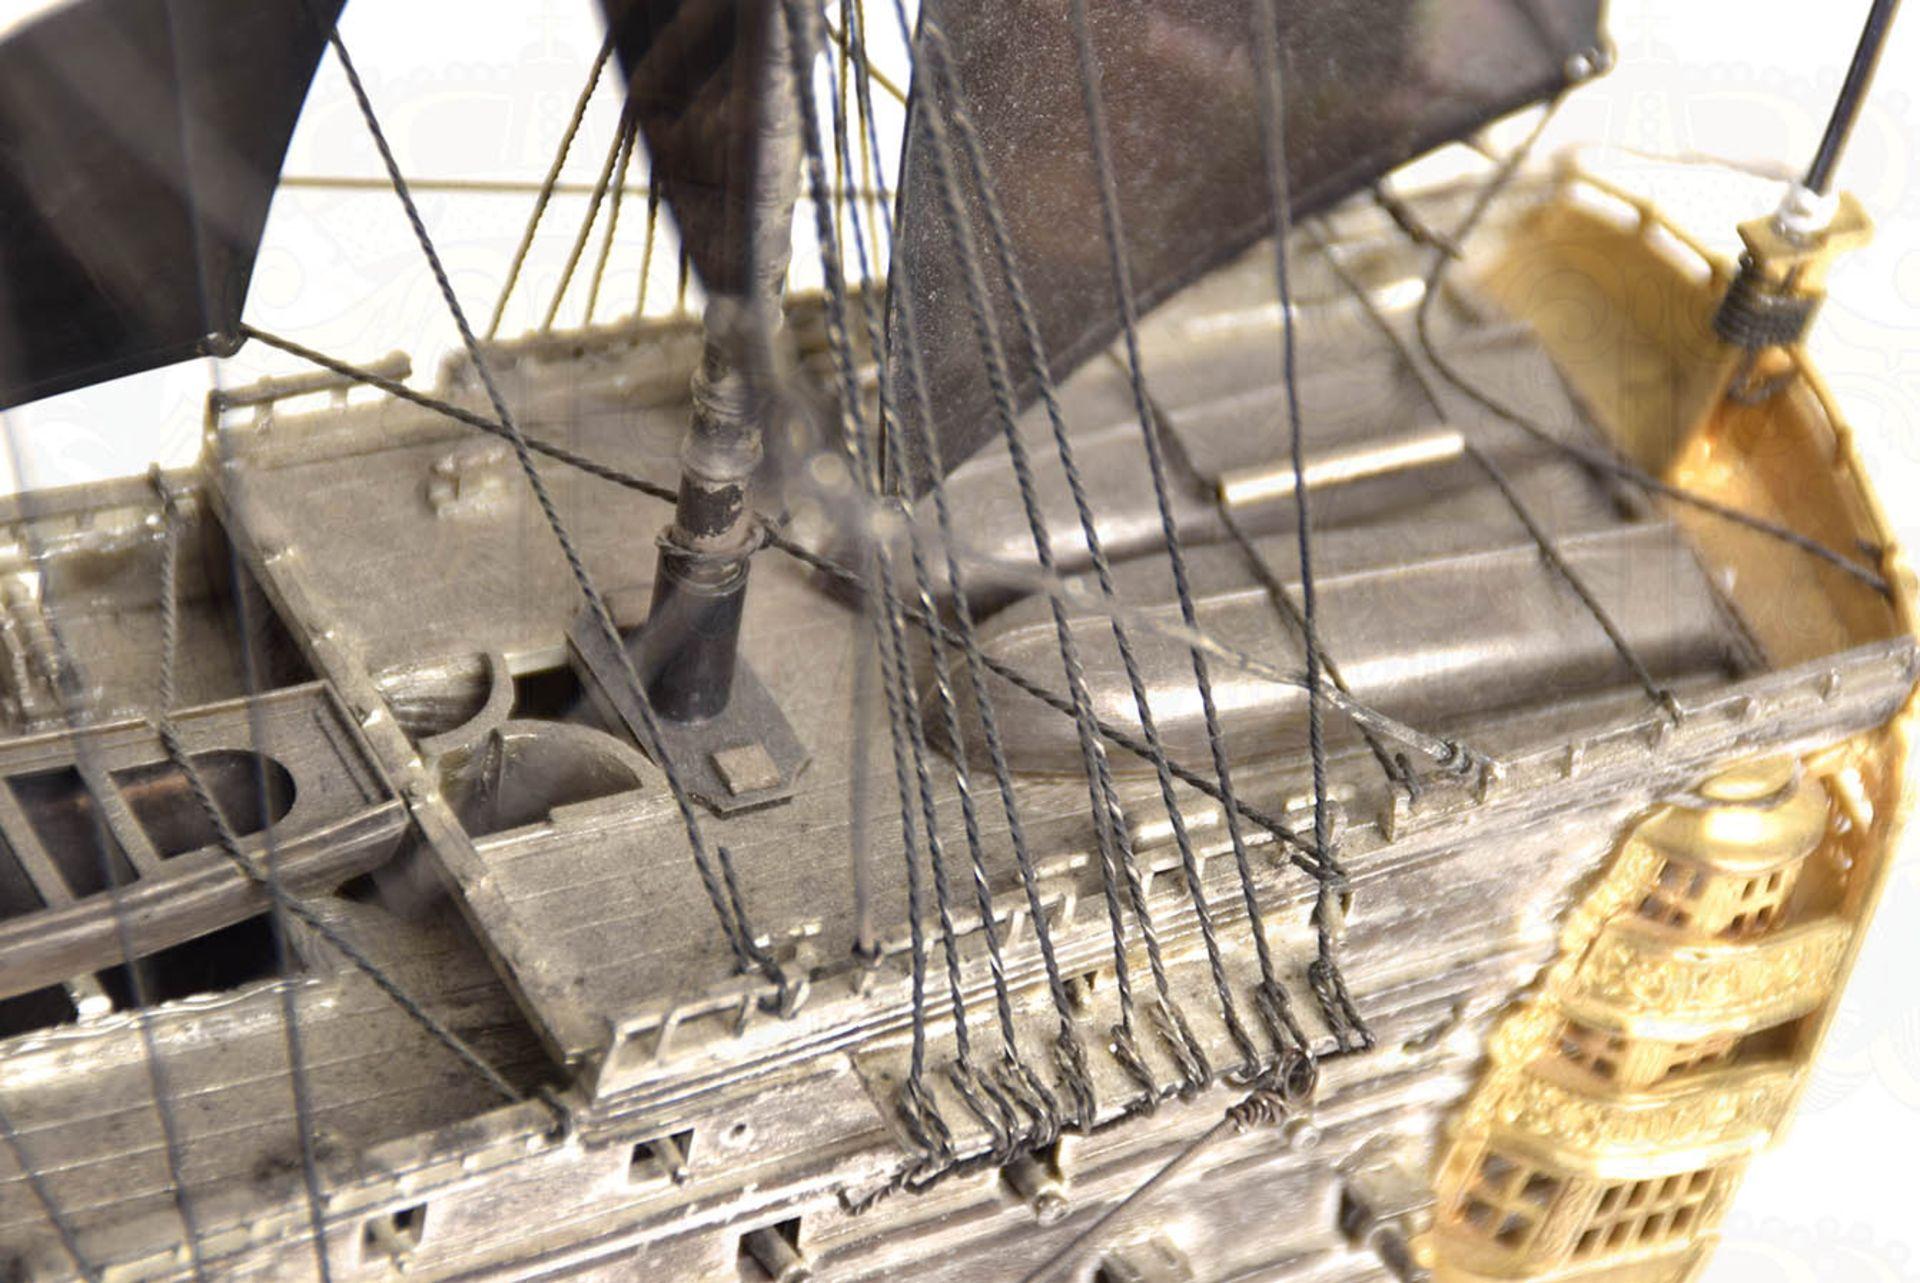 MODELL-LINIENSCHIFF, Dreidecker-Segellinienschiff der 2. Hälfte des 18. Jhd. mit 100 Kanonen, - Bild 6 aus 15